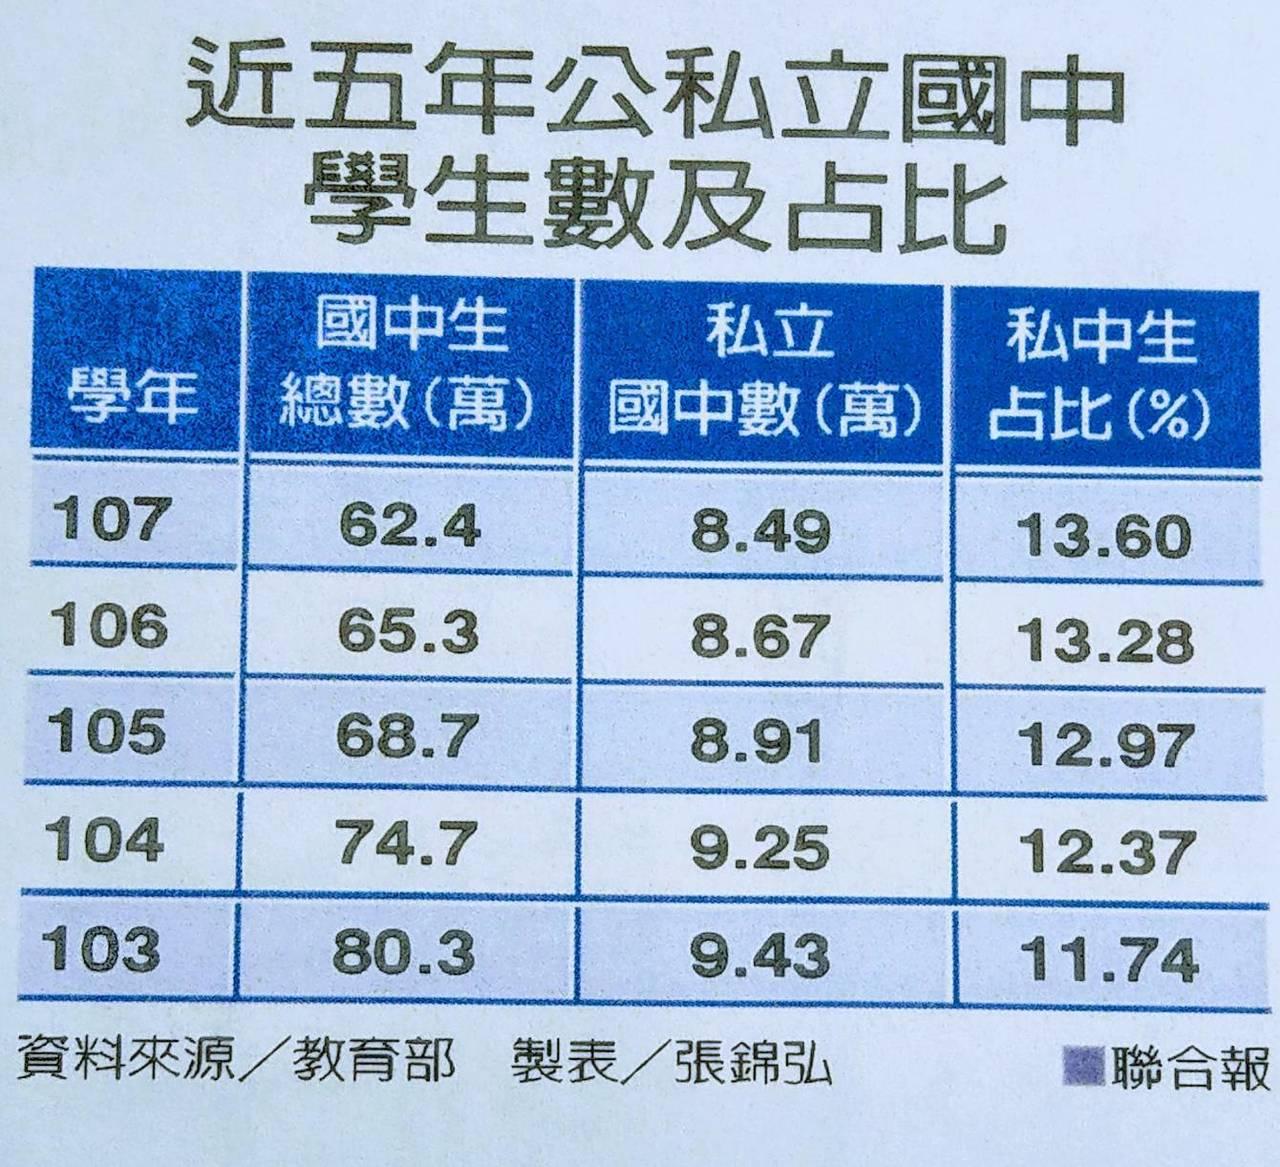 近五年公私立國中生占比。製表/張錦弘